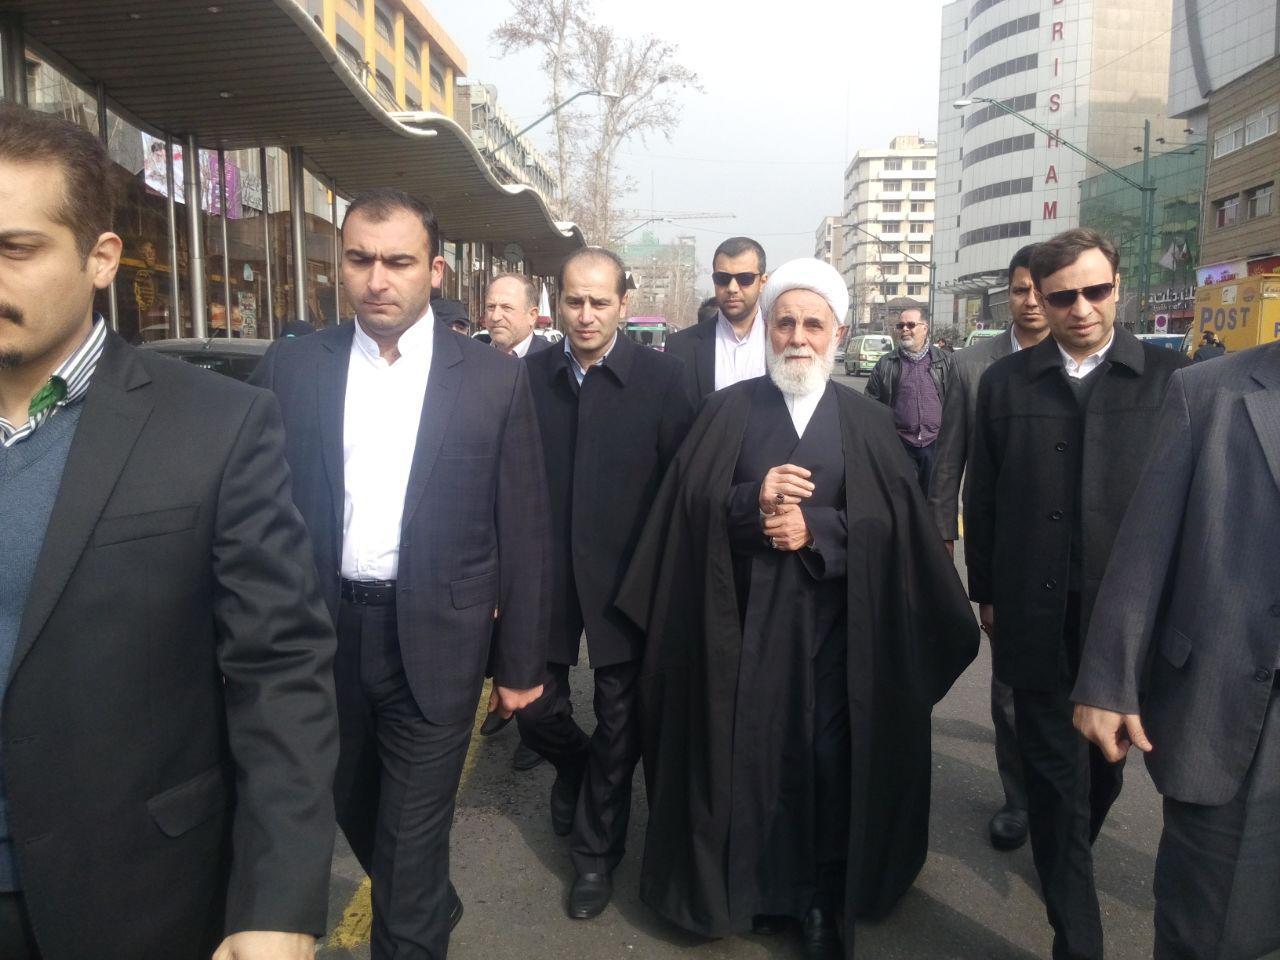 راهپیمایی یومالله 22 بهمن در تهران و سراسر کشور آغاز شد/ ایرانی از تهدید نمیترسد